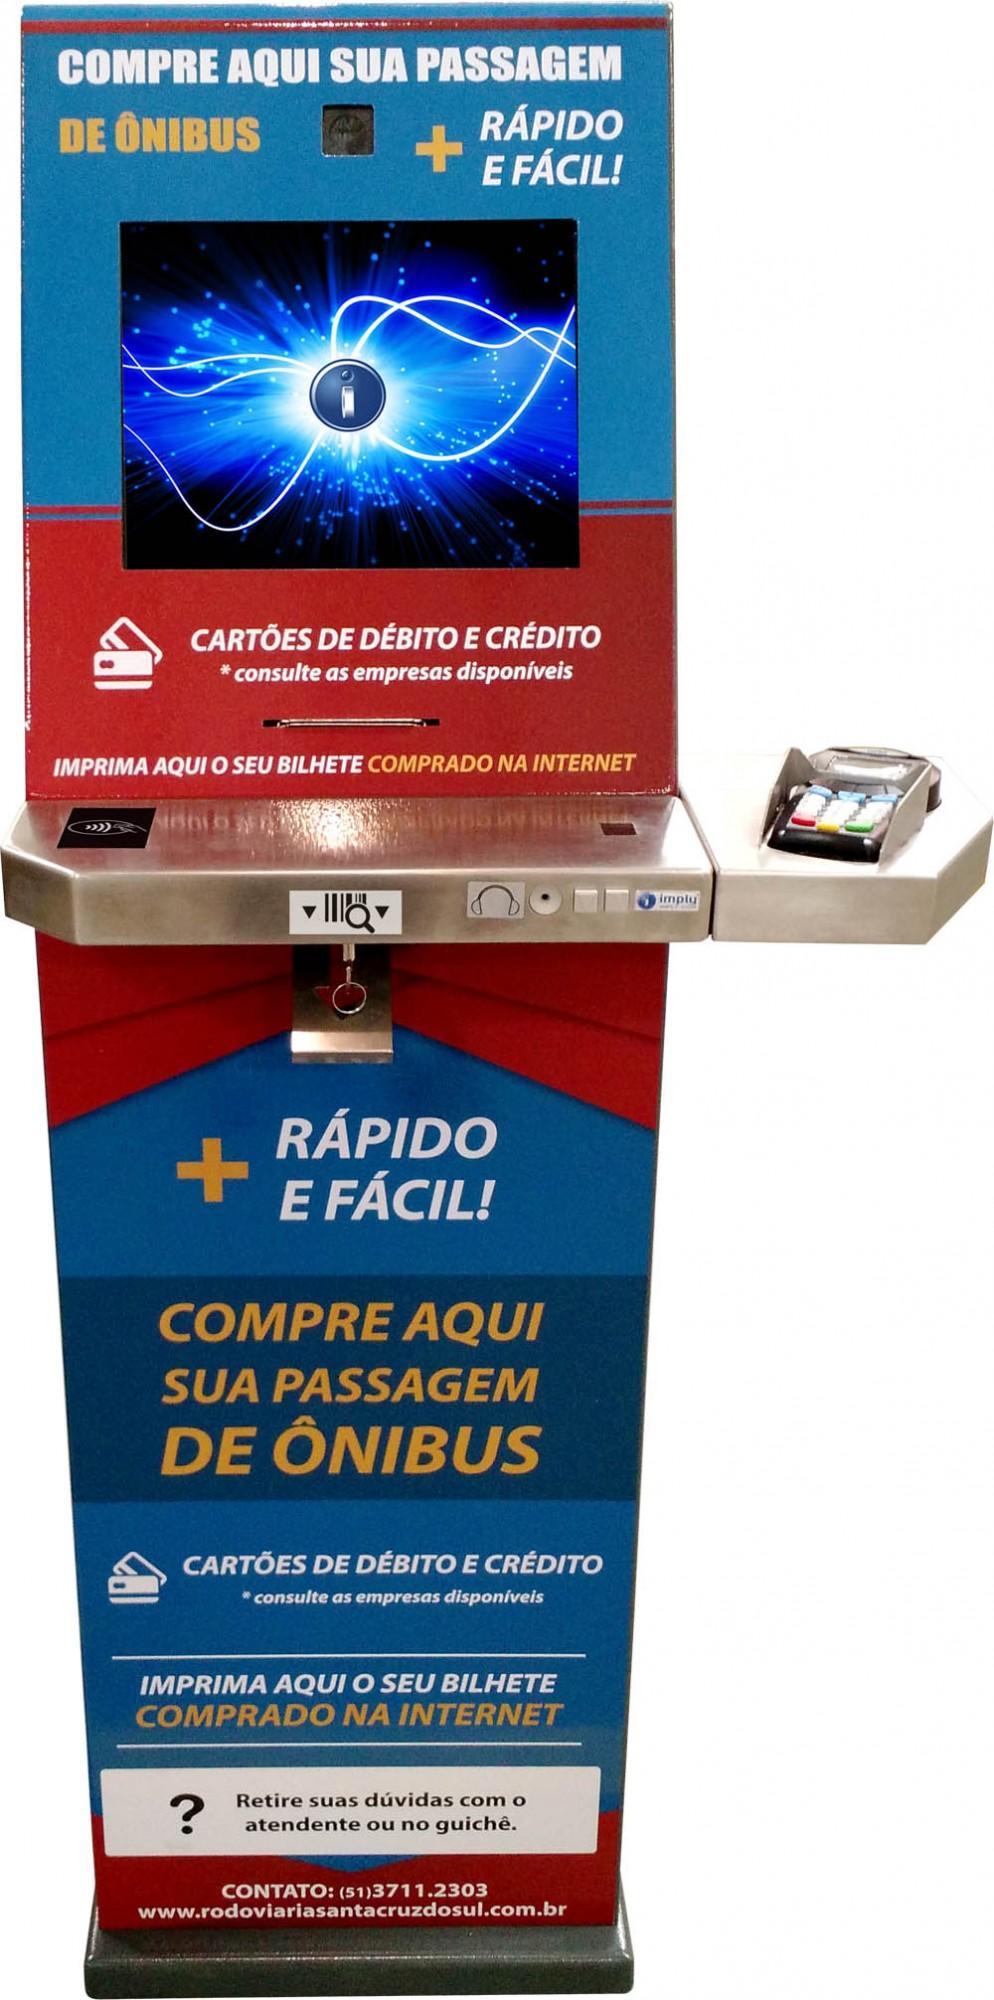 Terminal de autoservicio Imply integra el sistema de venta de boletos de la estación de autobuses de Santa Cruz do Sul